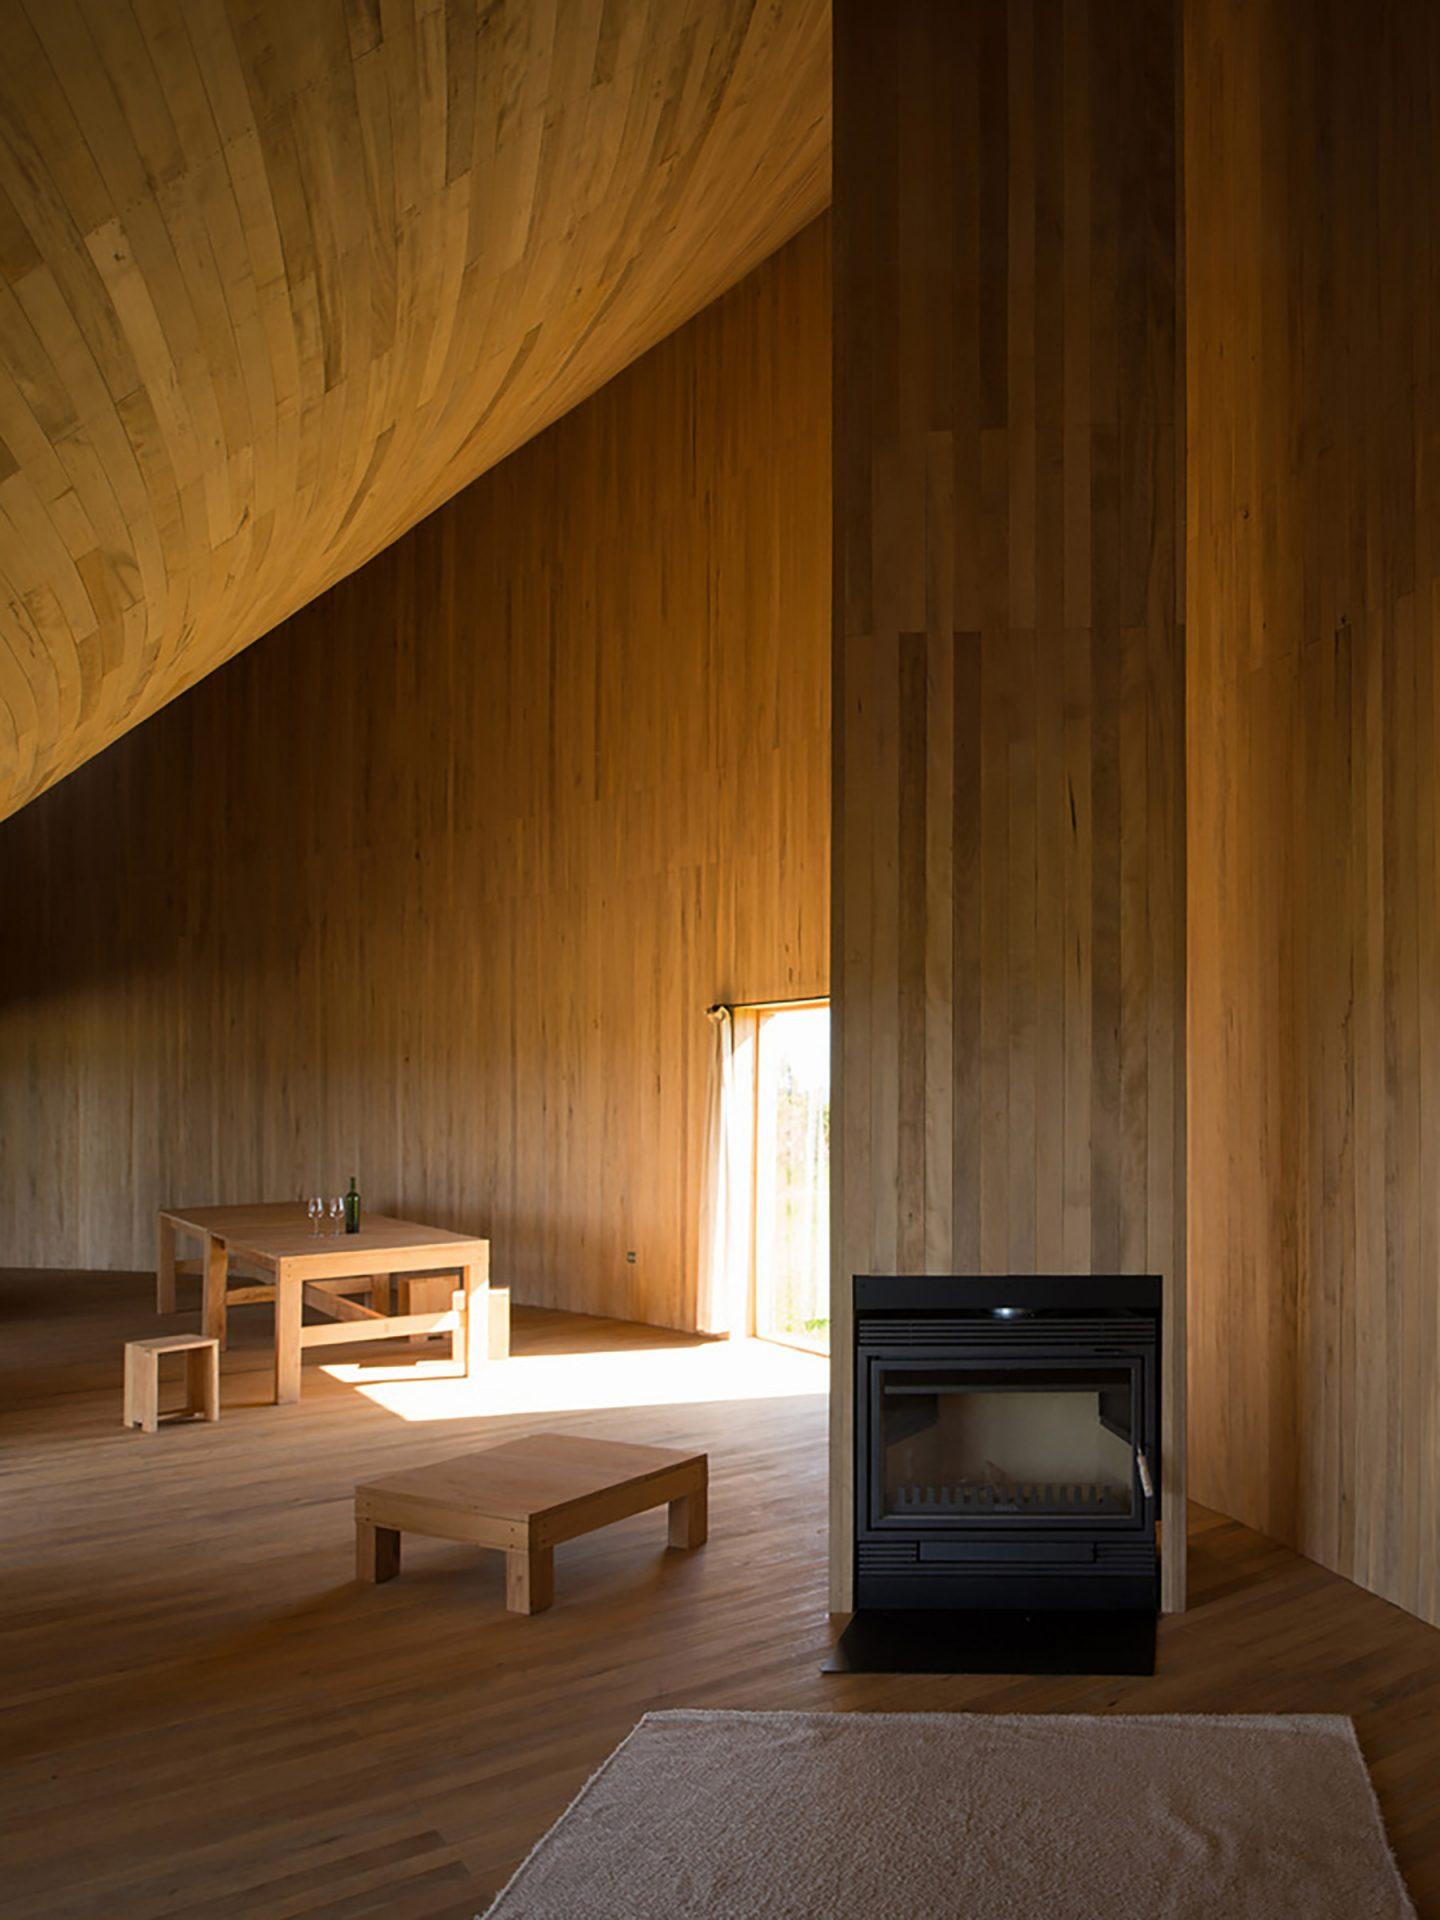 iGNANT-Architecture-Pezo-von-Ellrichshausen-012